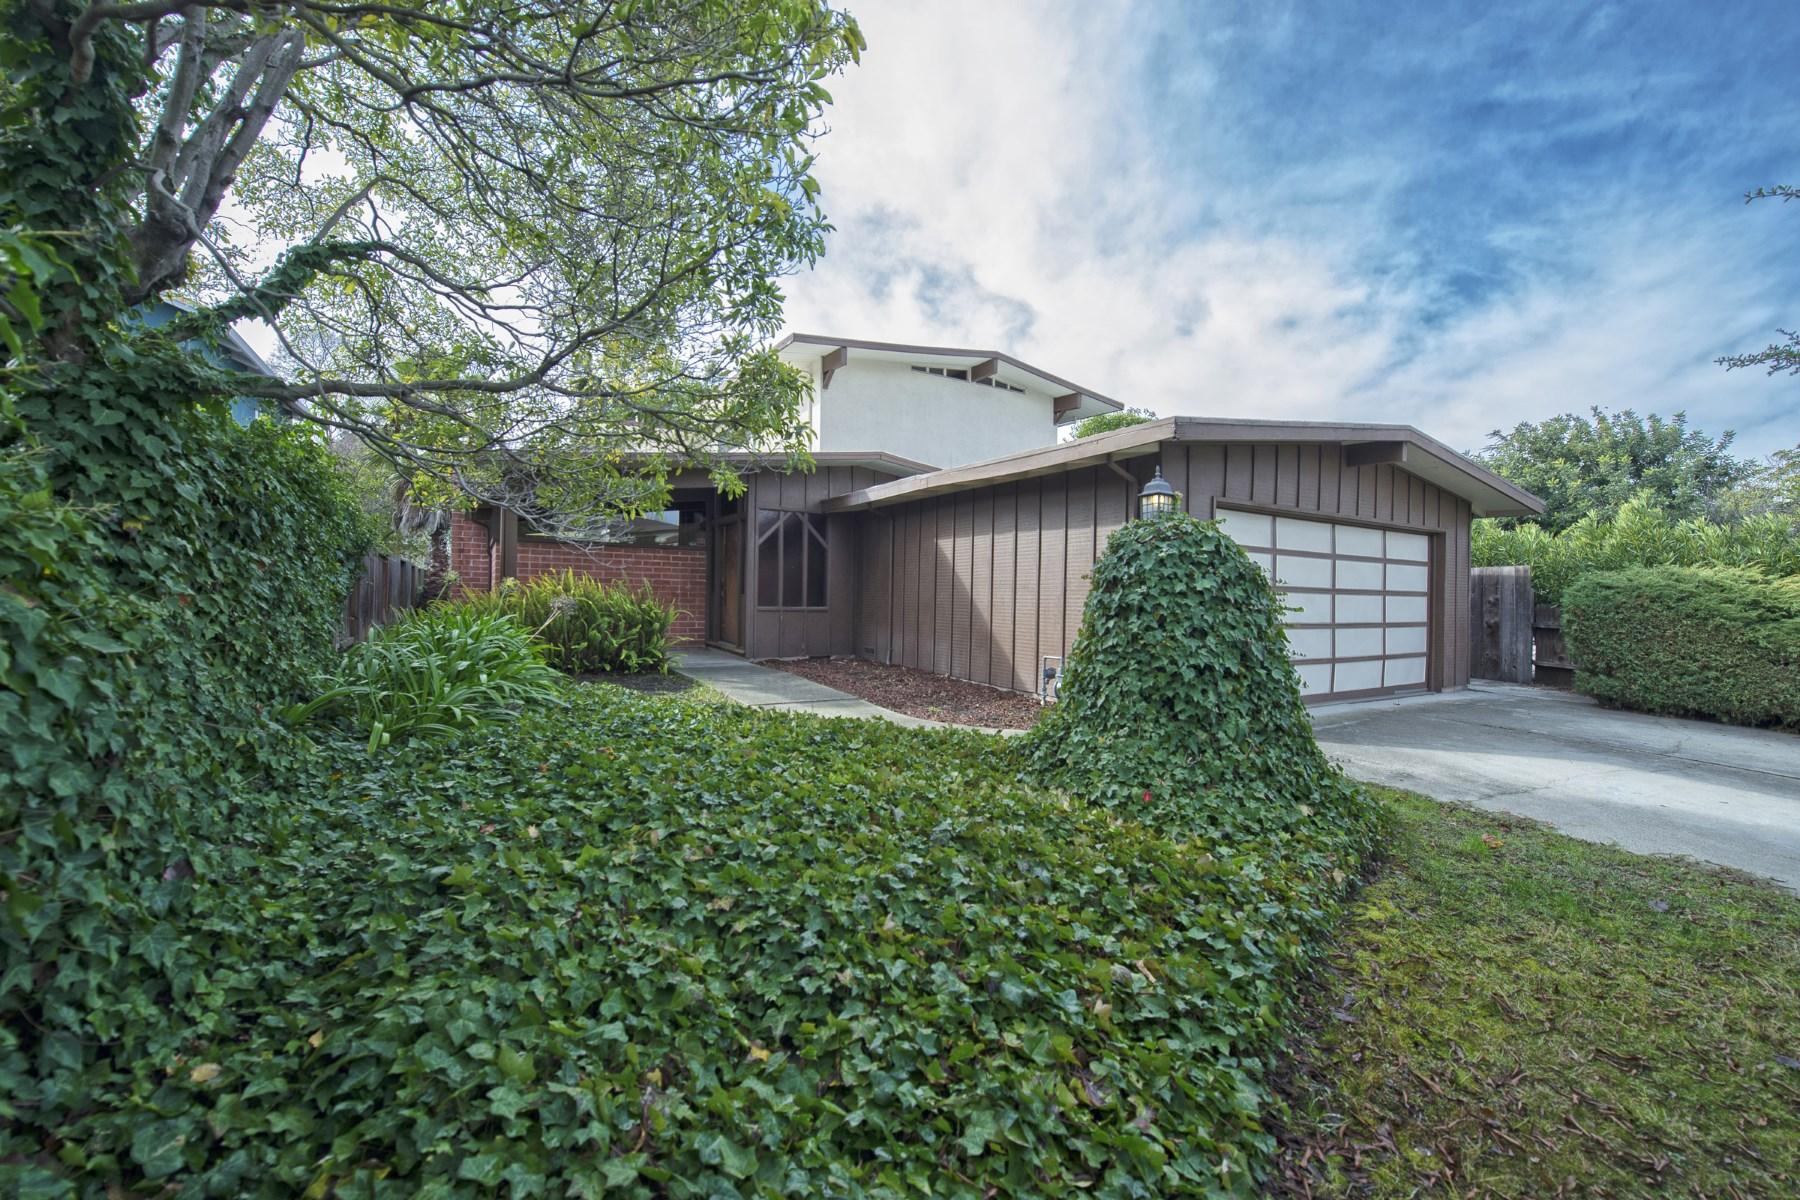 Casa Unifamiliar por un Venta en Palo Alto Pre-renovation Opportunity 2670 Cowper Street Palo Alto, California 94306 Estados Unidos